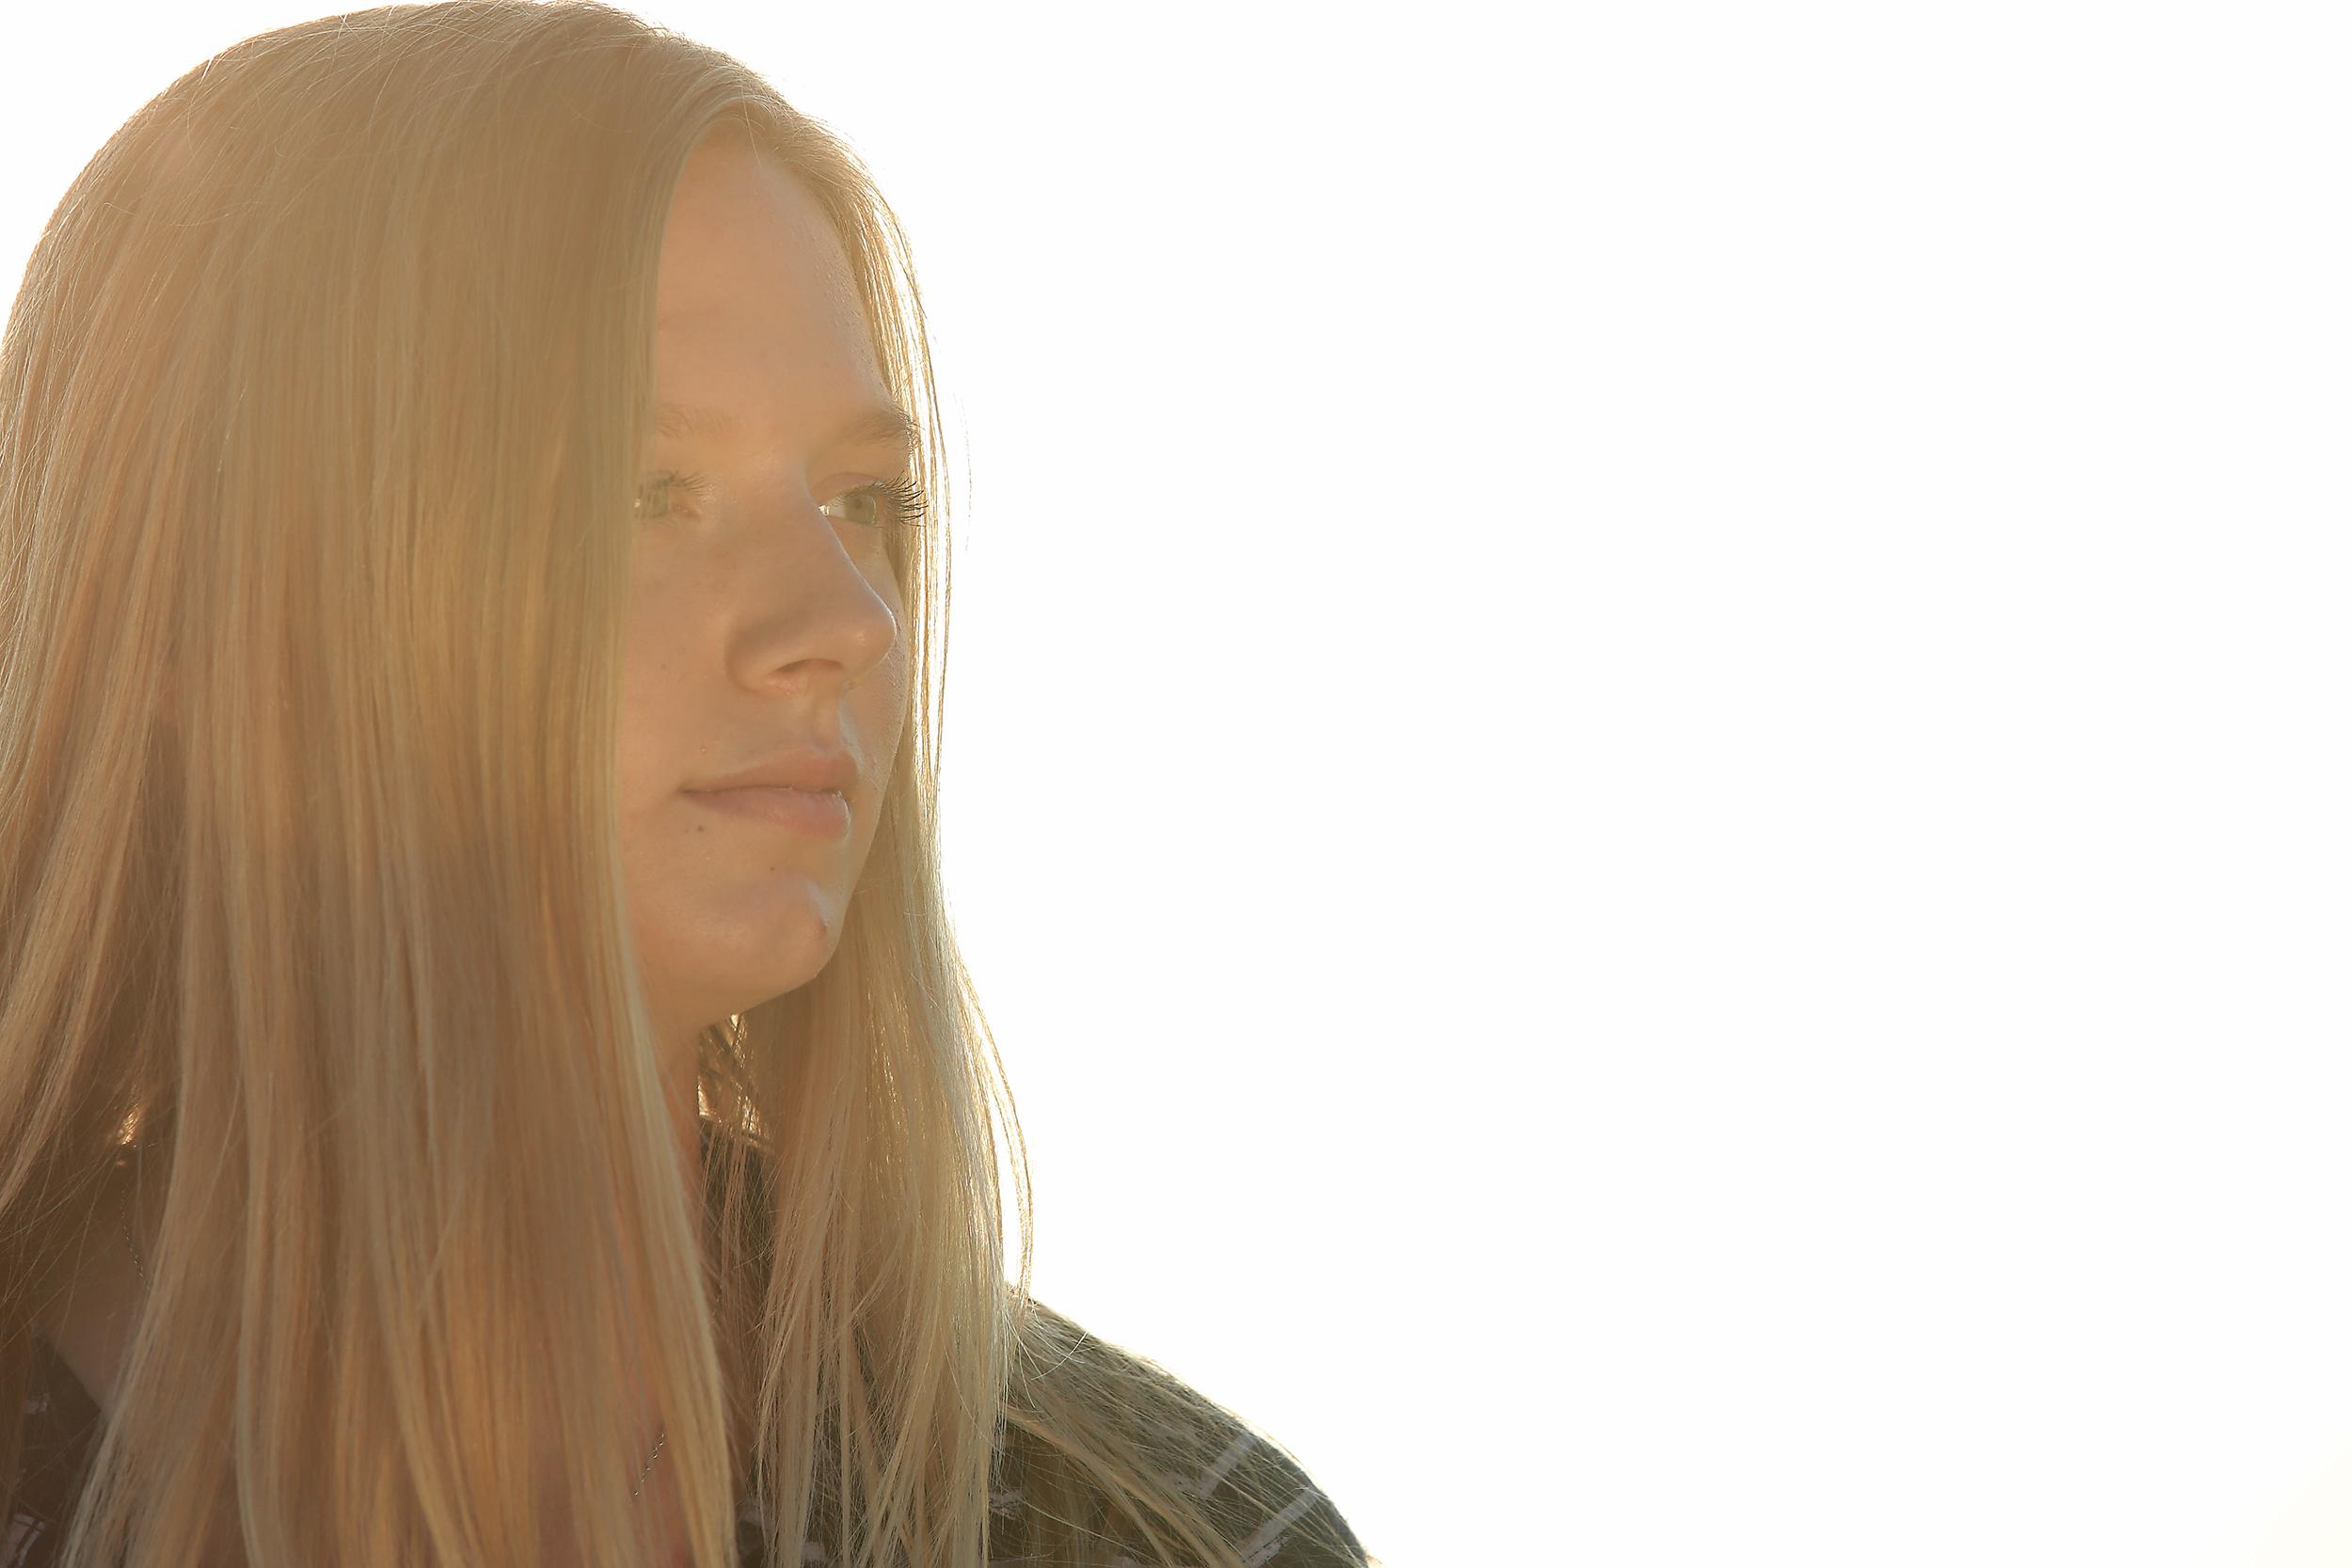 daughter lens flare #2(WEB).jpg